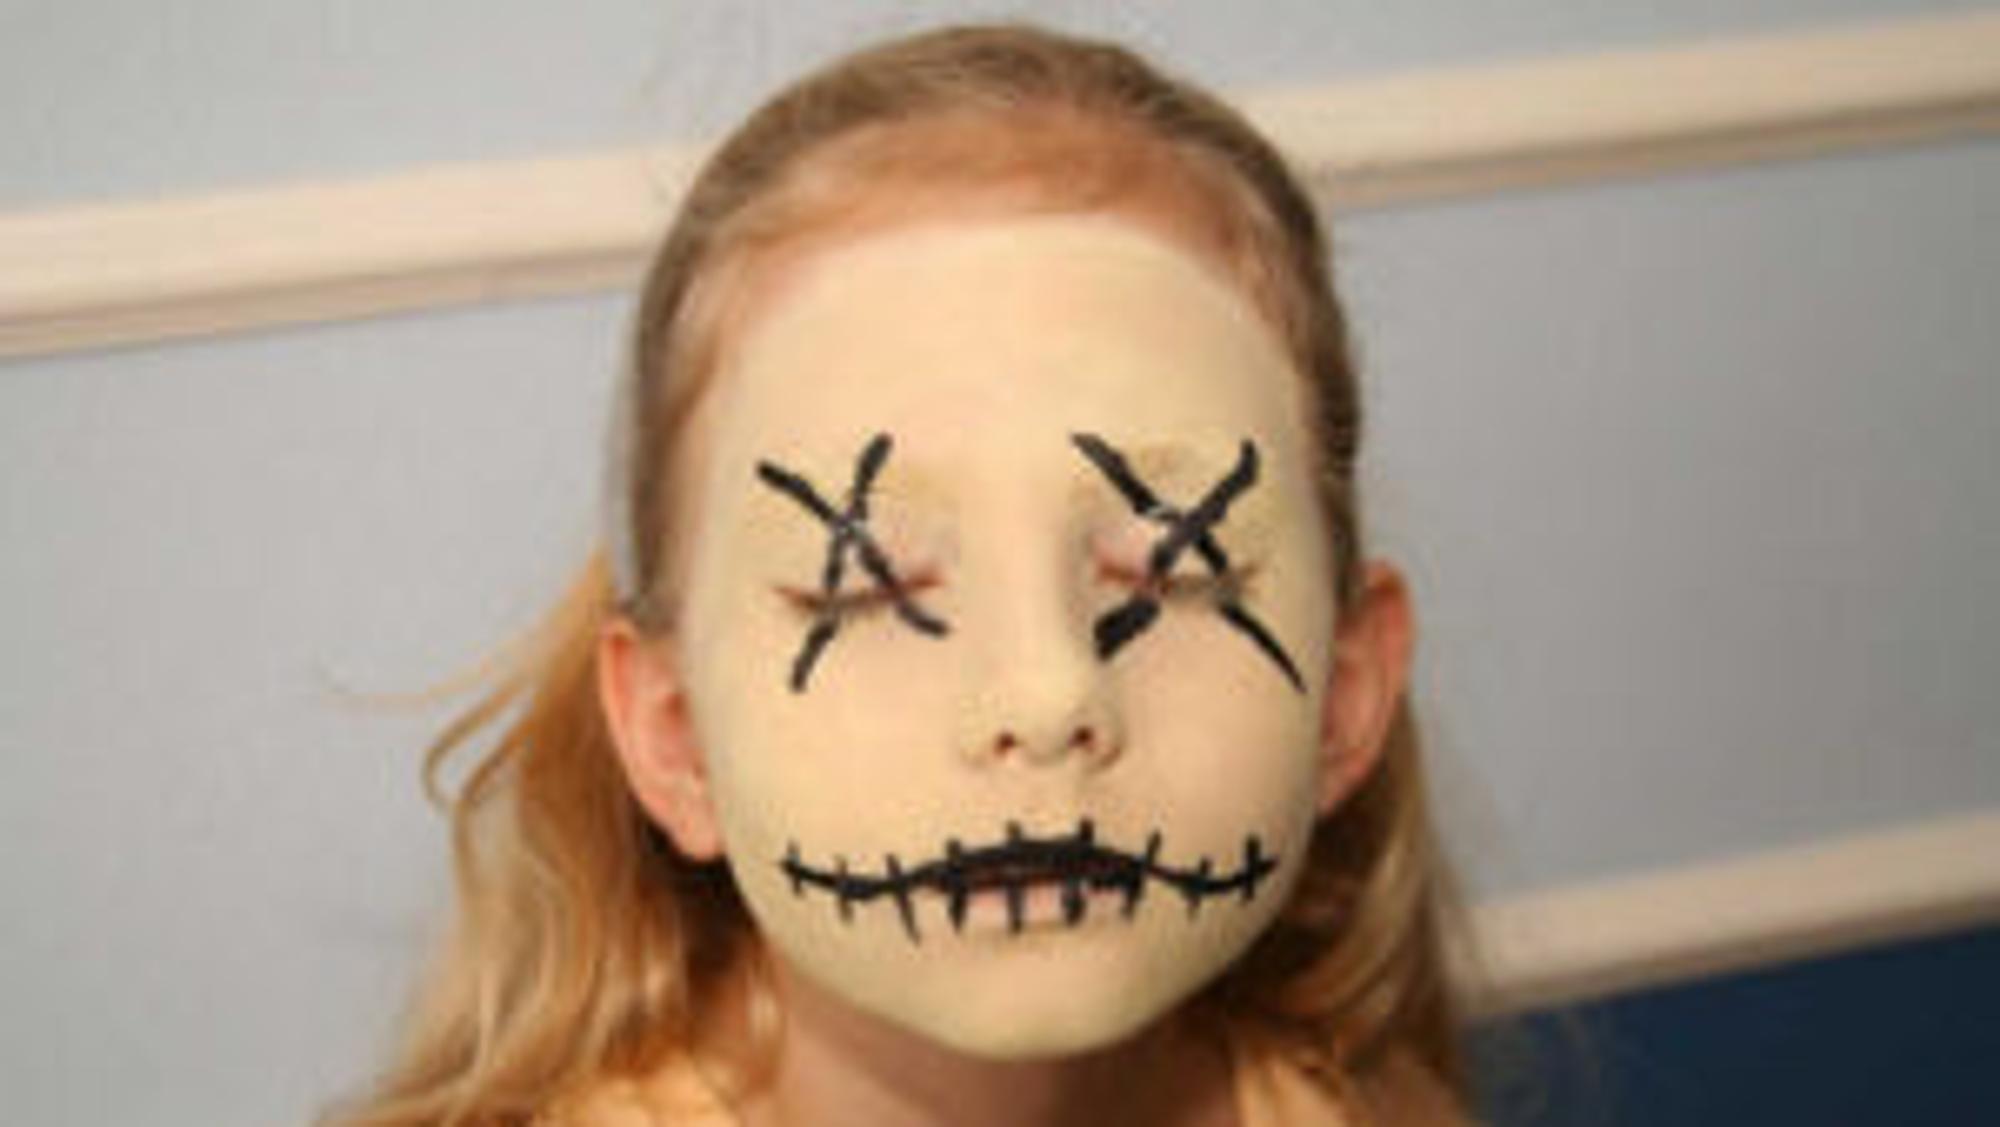 Halloween Kostum Ideen Gruselig.Halloweenparty Fur Kinder Checklisten Zur Planung Einer Schaurigen